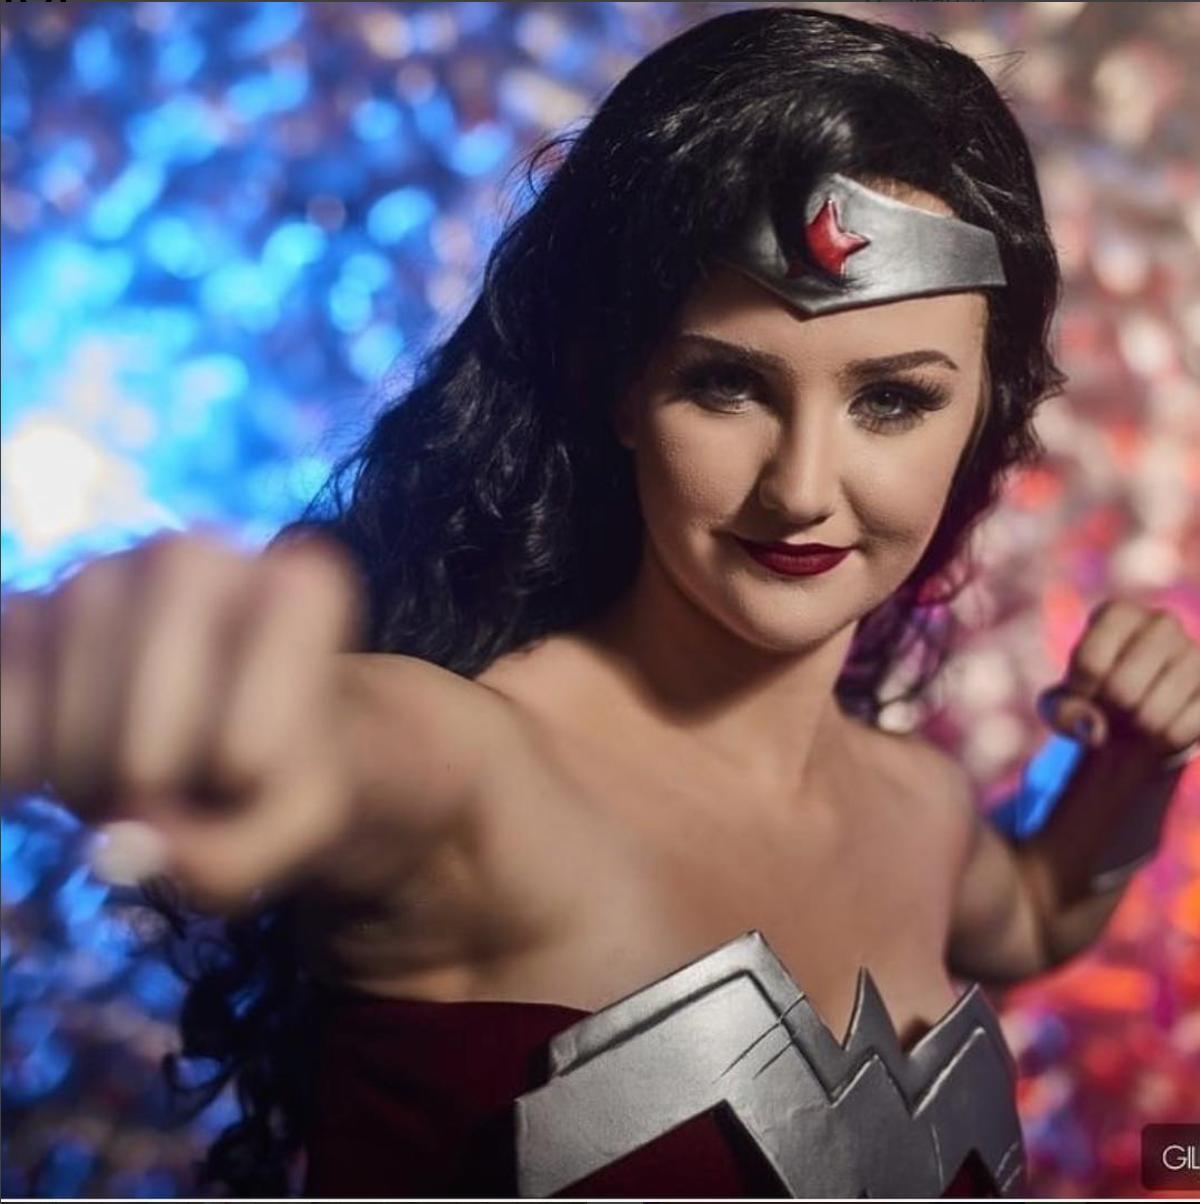 Wonder Woman Theme Party